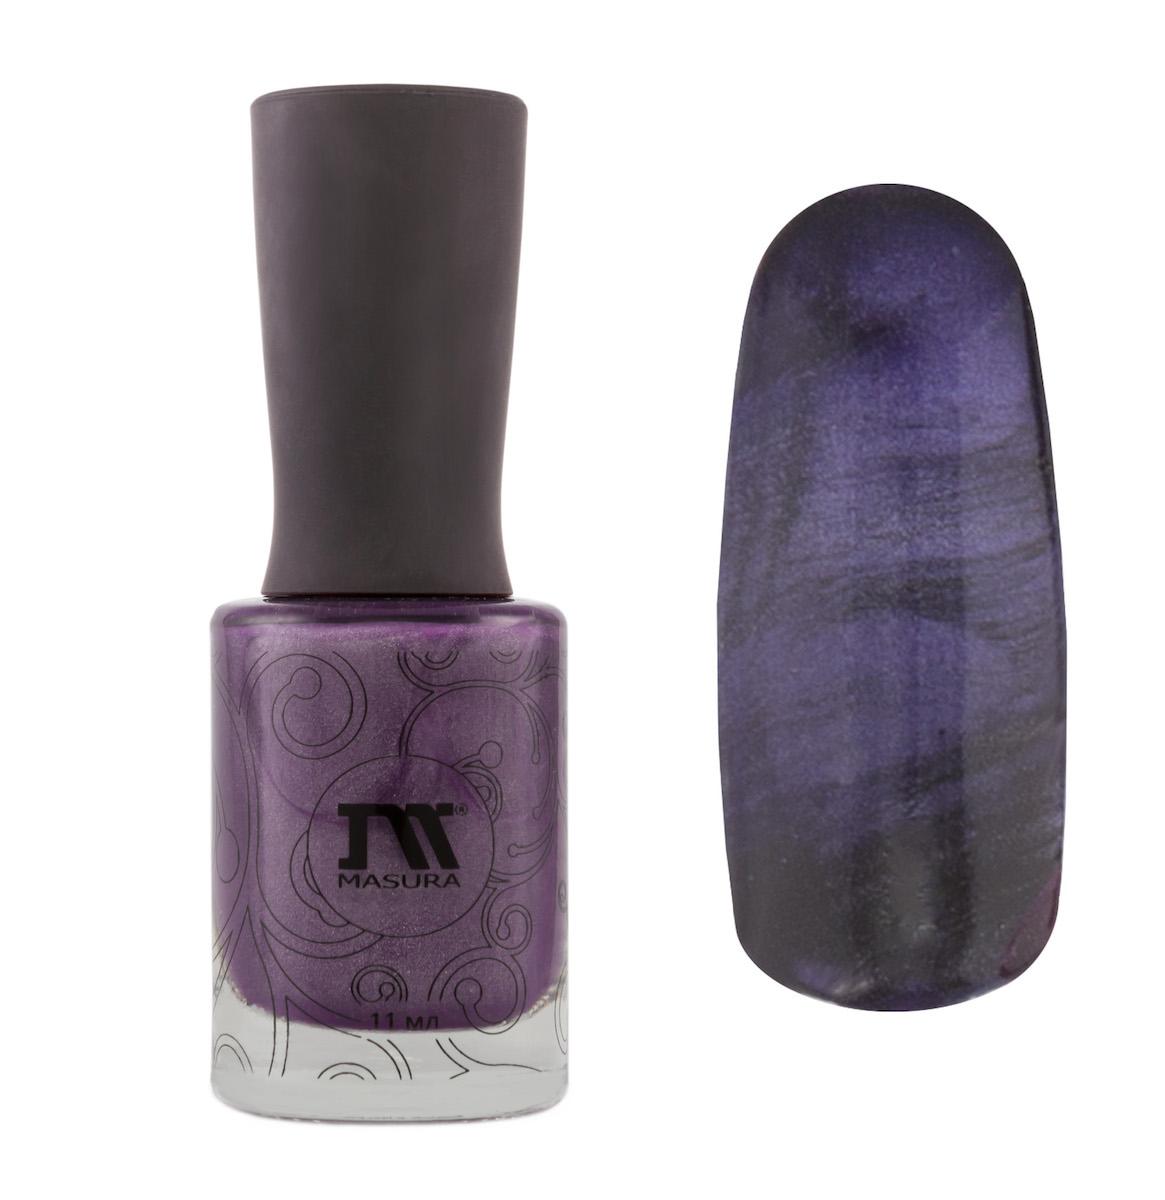 Masura Лак для ногтей Драгоценный Камень, 11 мл904-121светло-сиреневый